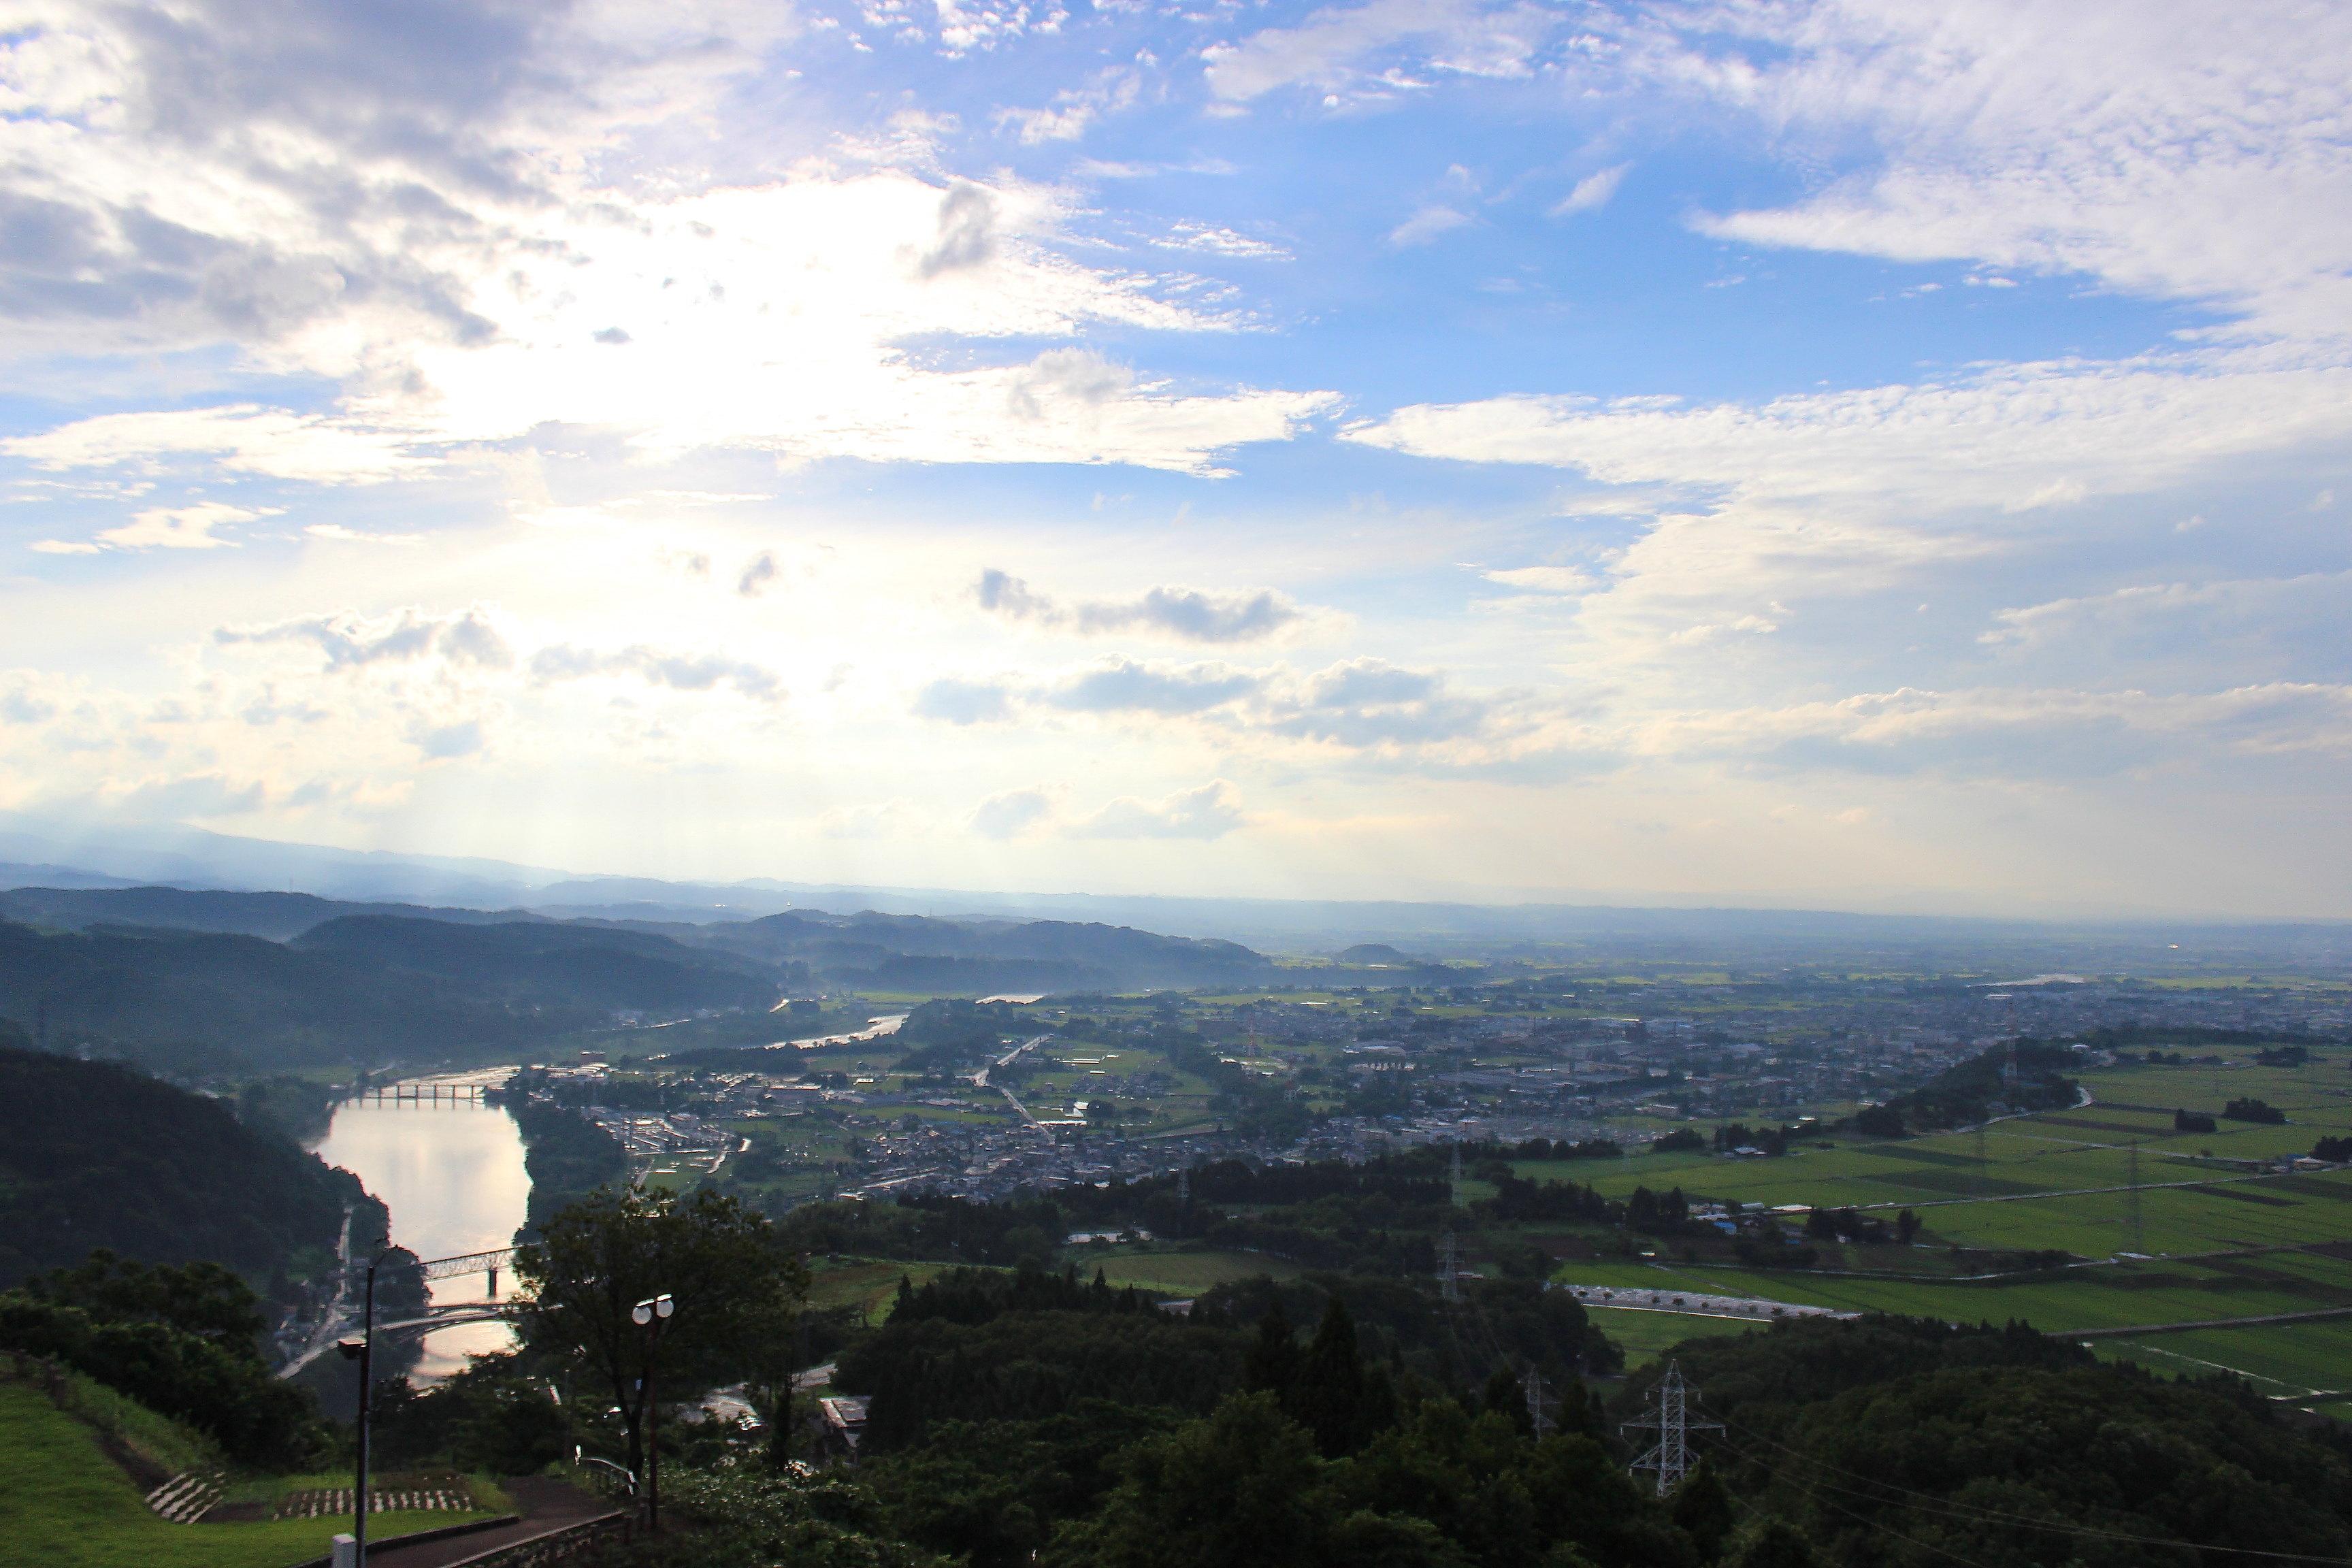 【風の城】富山平野を見下ろす神通川の絶景を展望してきた